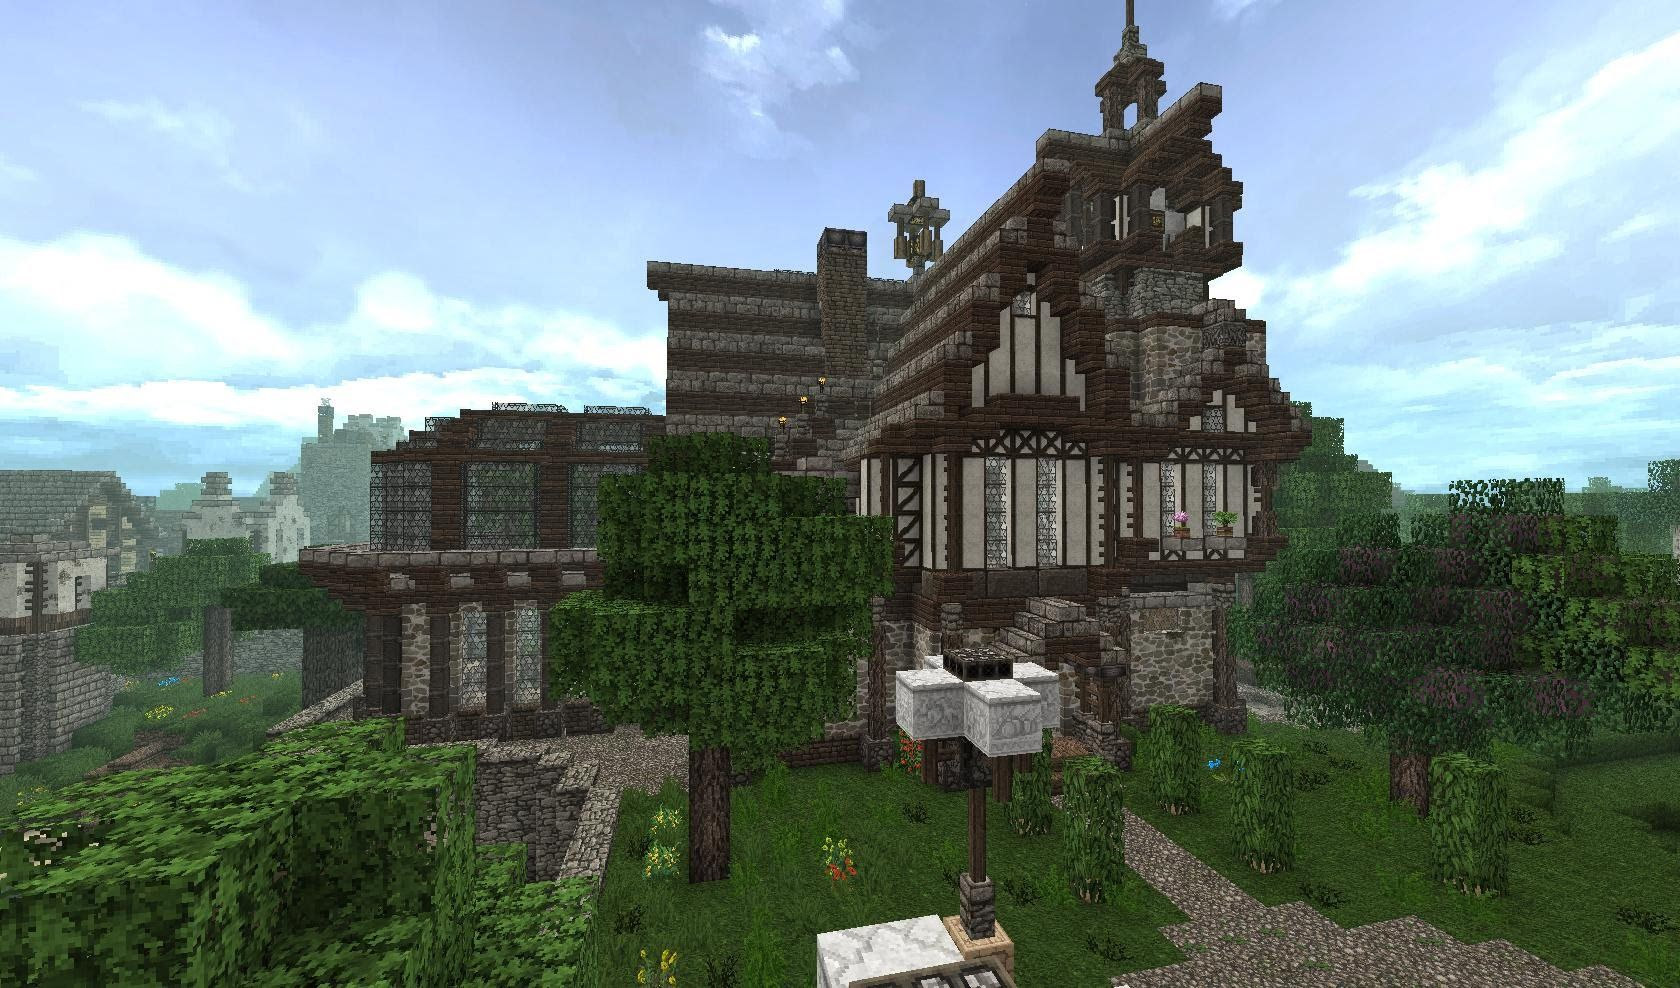 Minecraft Mittelalter Haus Mit Redstonedusche Gotisch - Minecraft haus ideen anleitung